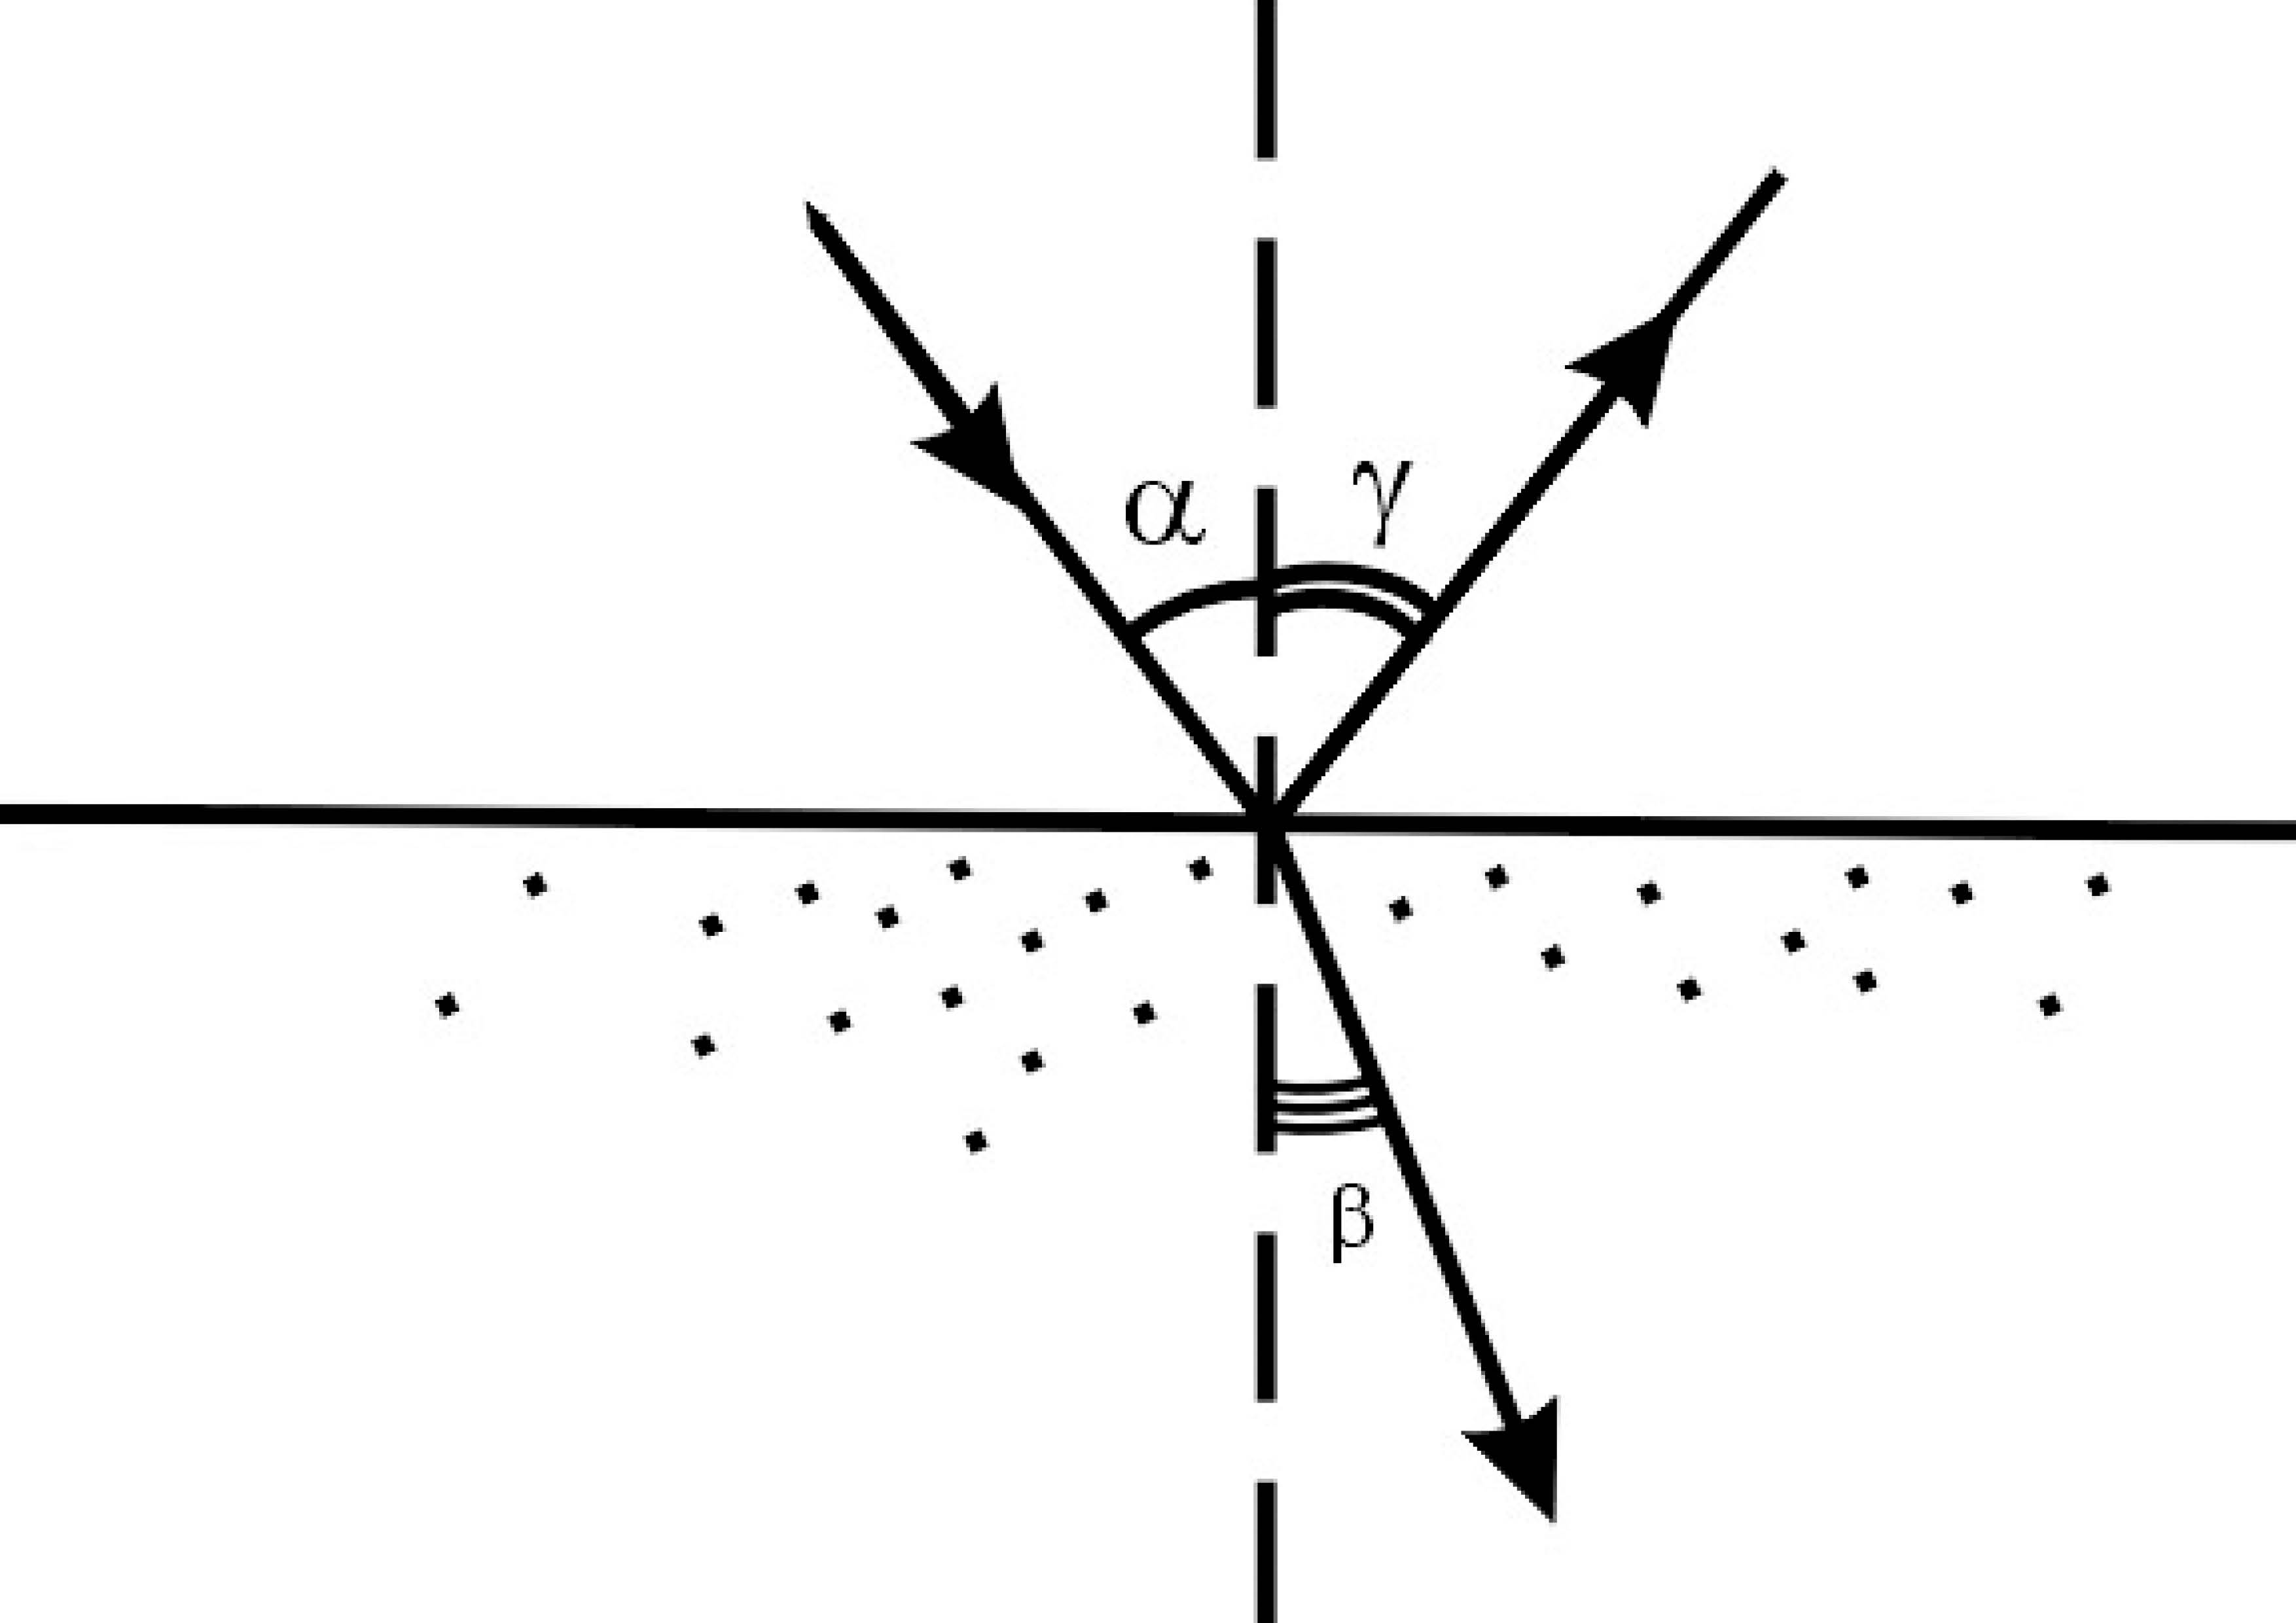 Рис. 2. Основные оптические законы: отражение и преломление лучей света (схема).